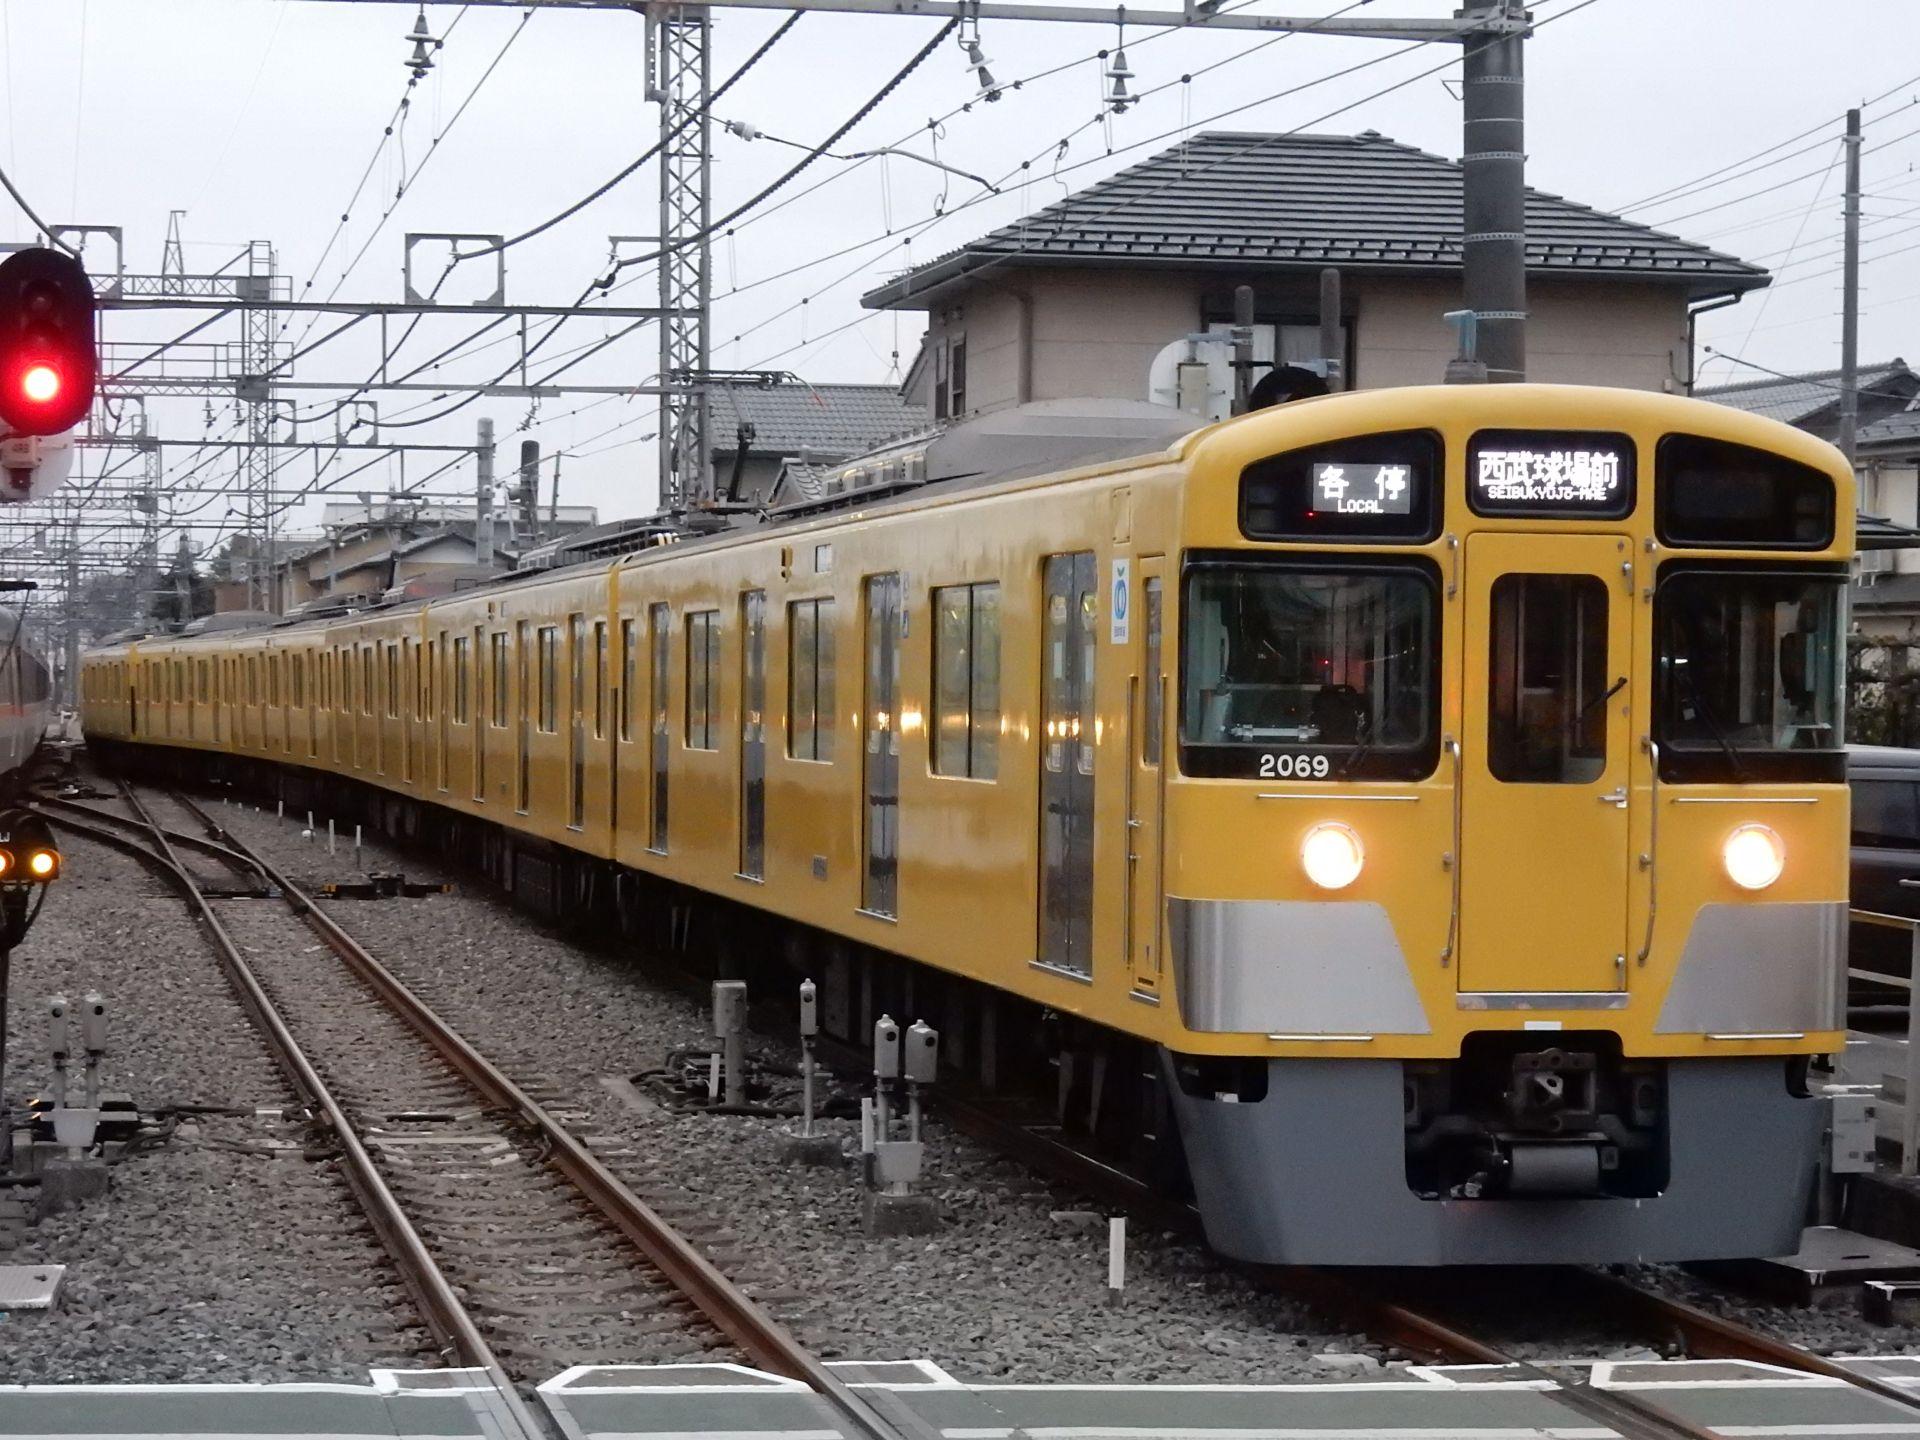 DSCN6728 - コピー